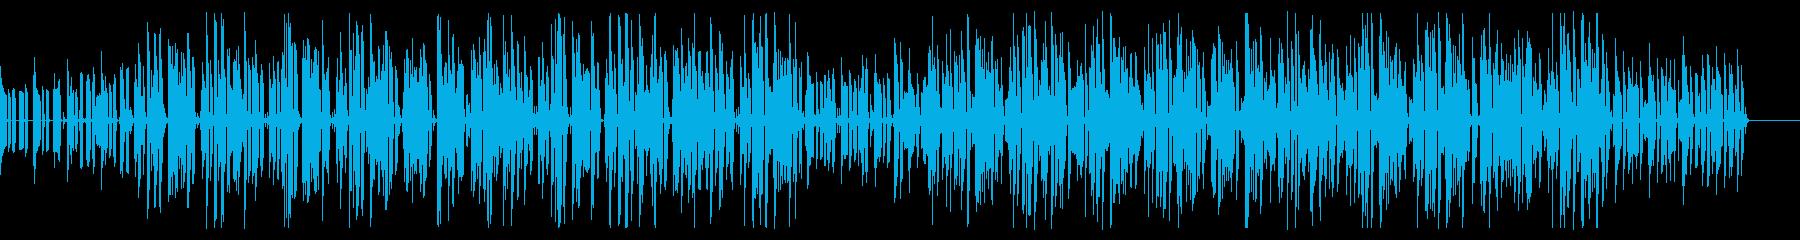 耳に残るファンクで民族音楽風なポップの再生済みの波形